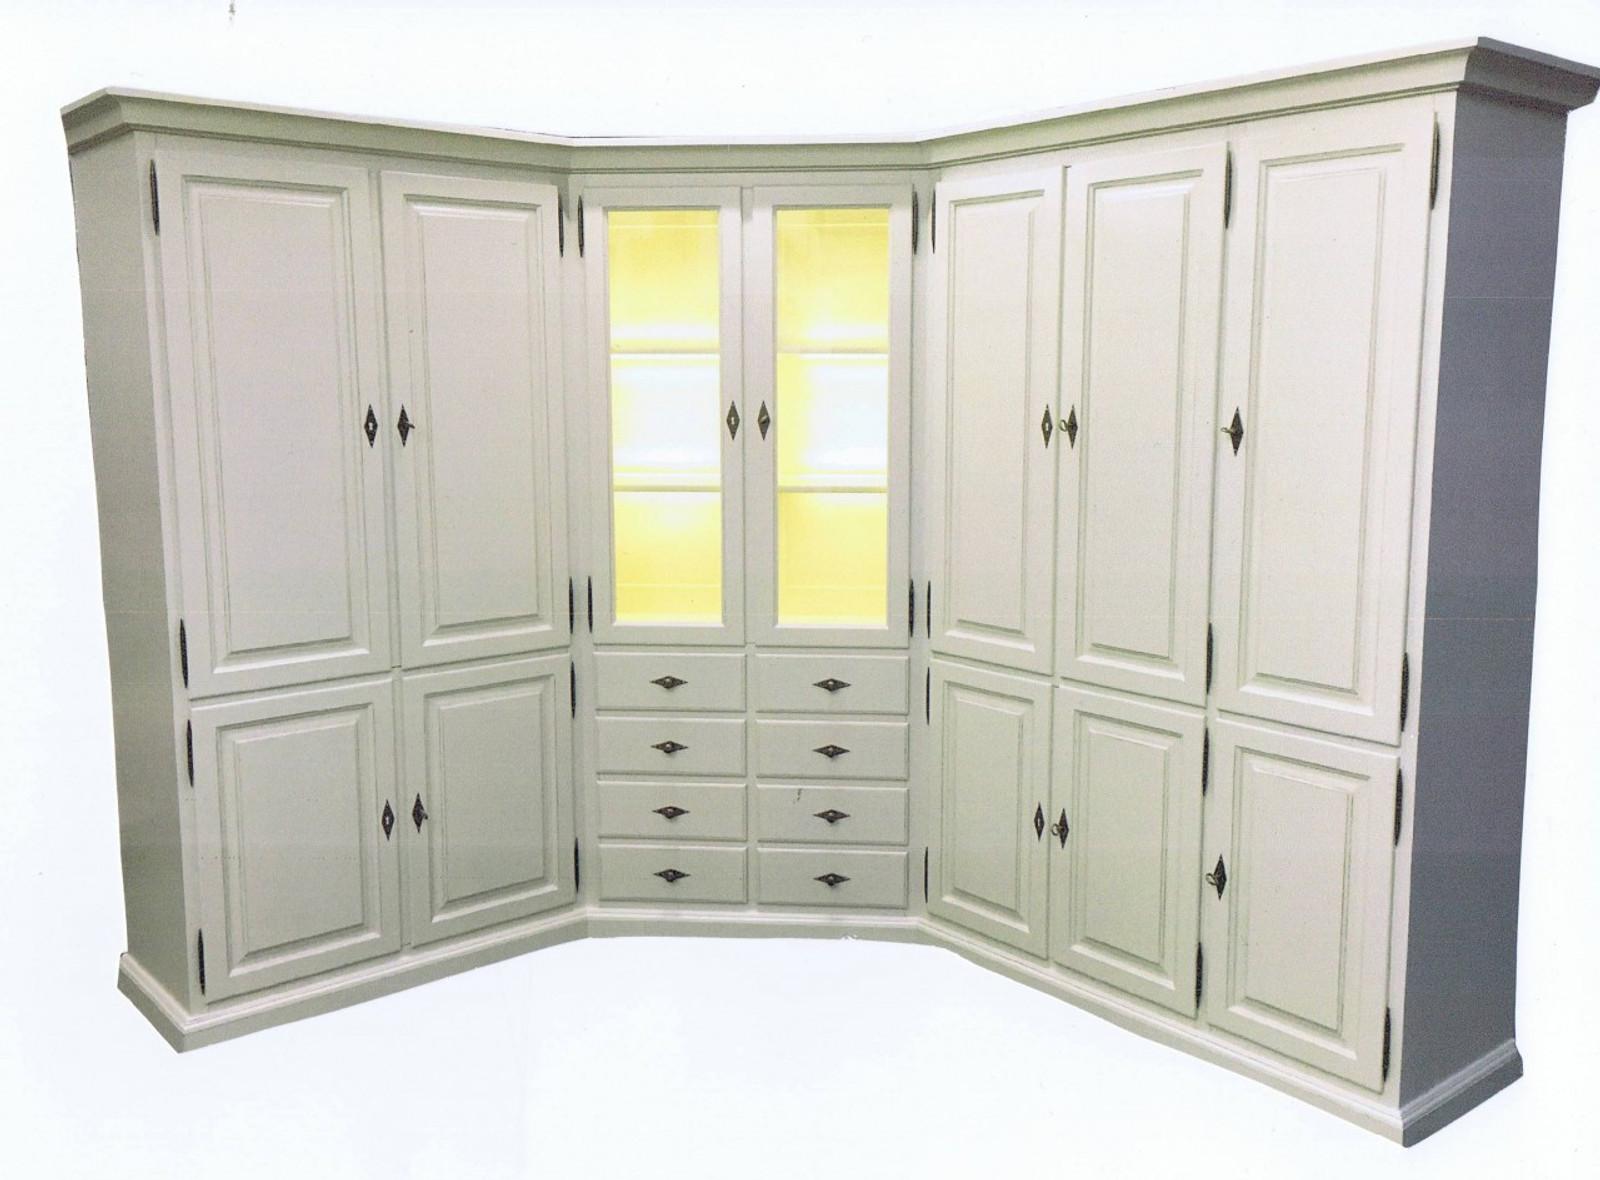 Eckschrank / Wohnzimmer-Schrank in Maßanfertigung in Eiche ...